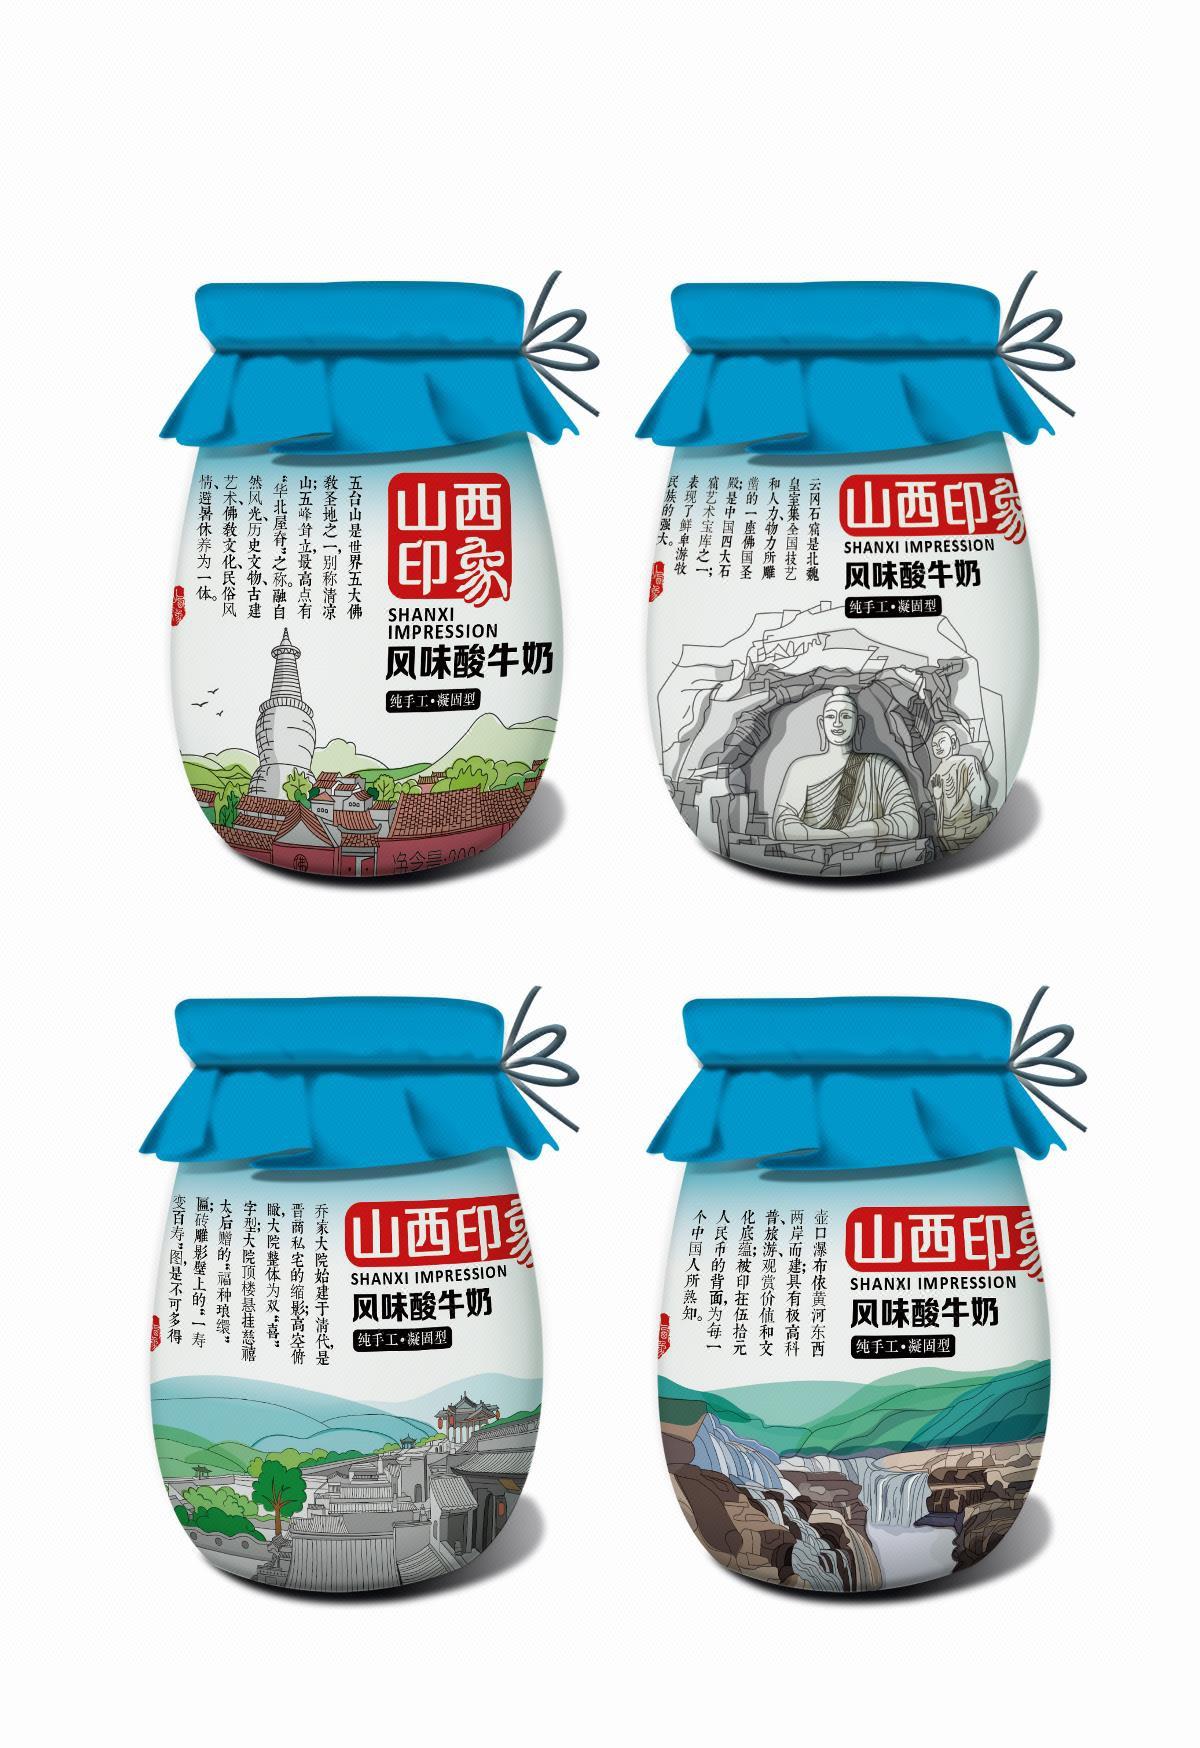 瓶贴标签设计饮料瓶贴红酒酒标药品标贴食品罐头瓶装调料瓶贴设计